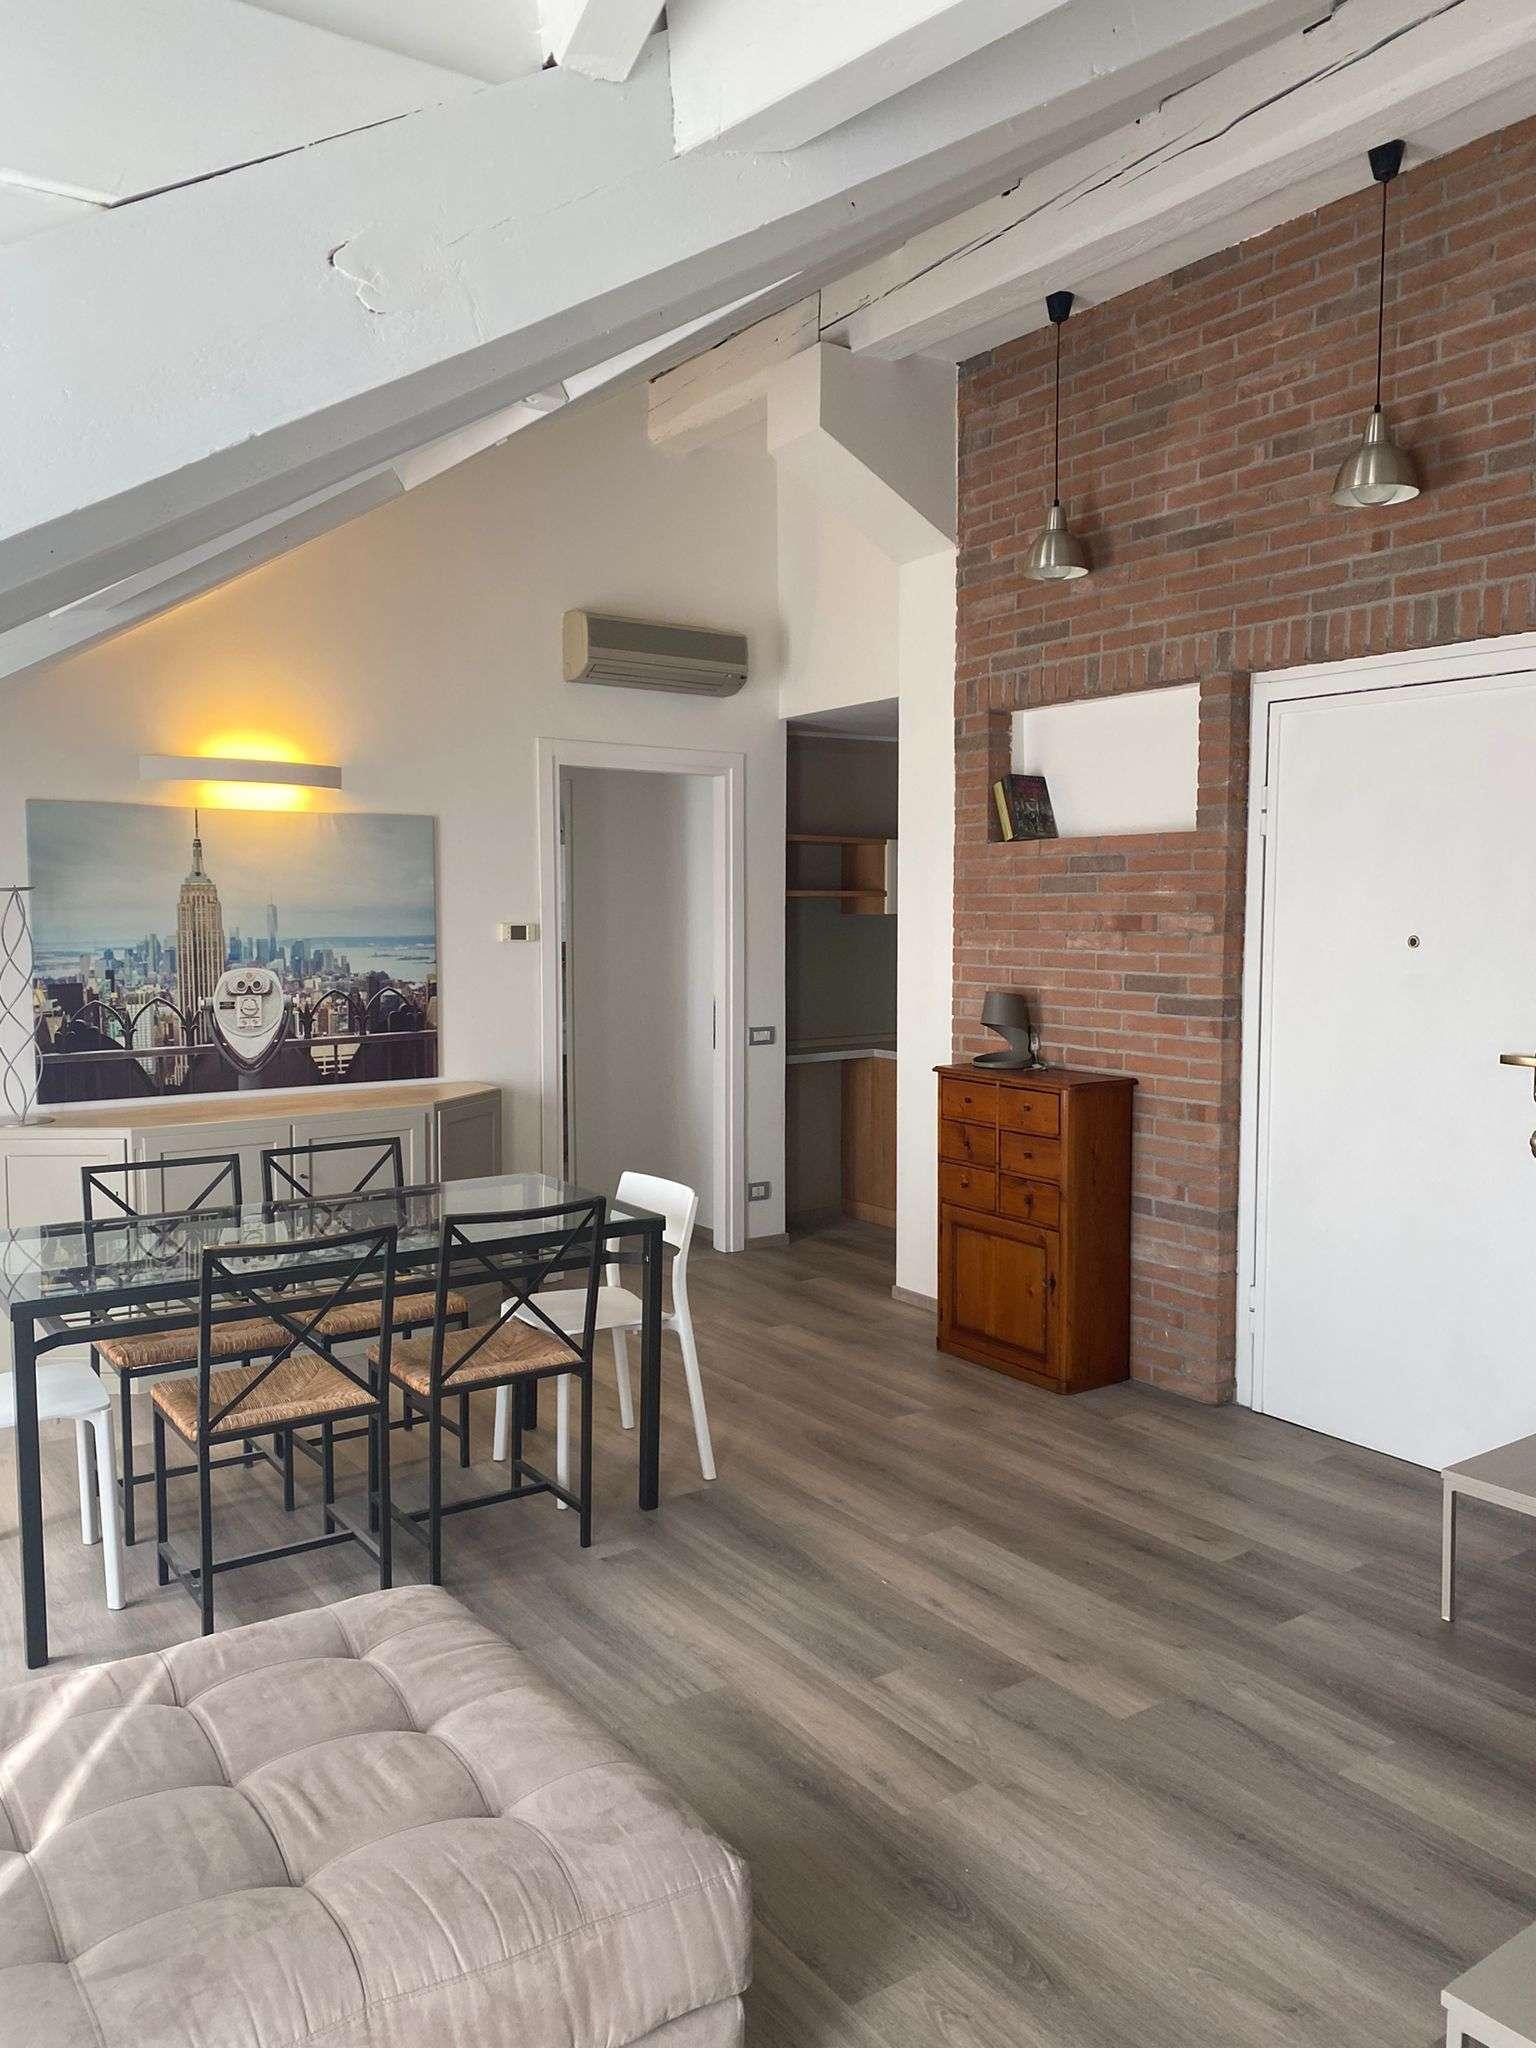 Attico / Mansarda in affitto a Busto Arsizio, 3 locali, prezzo € 1.000 | PortaleAgenzieImmobiliari.it